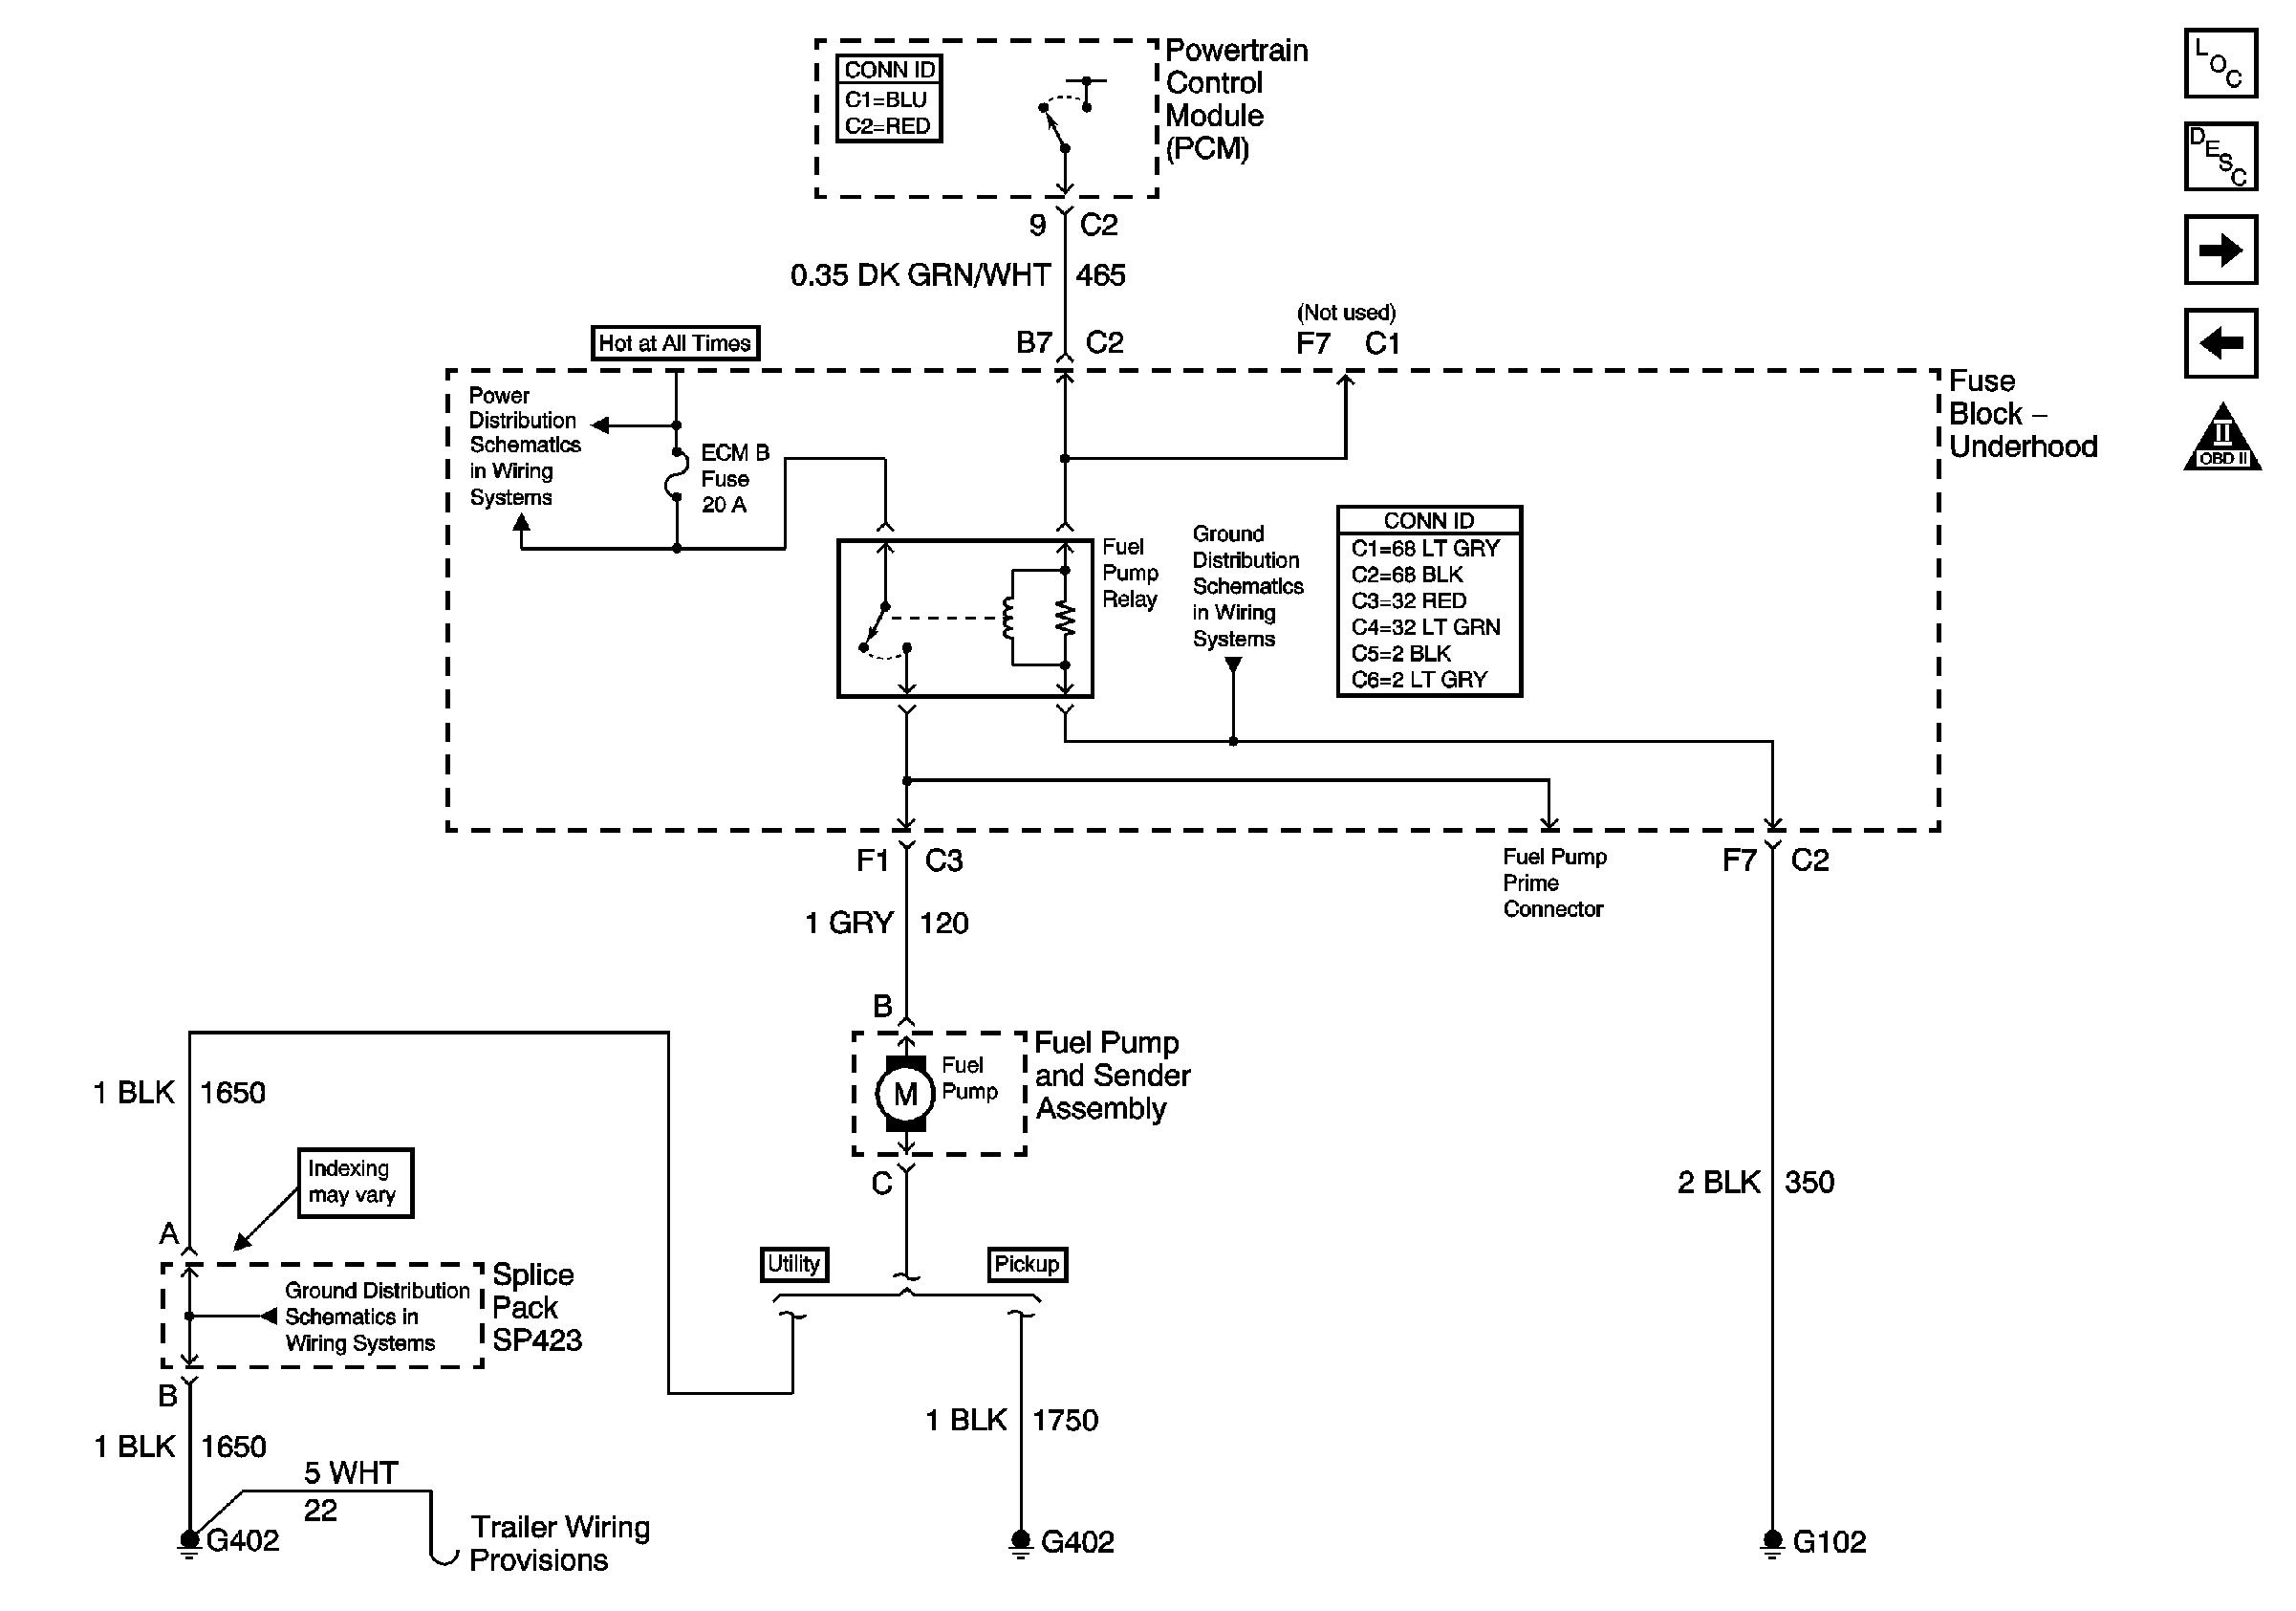 New Chevy Truck Fuel Pump Connector Wiring - Wiring Diagrams Hubs - 2000 Chevy Silverado Fuel Pump Wiring Diagram